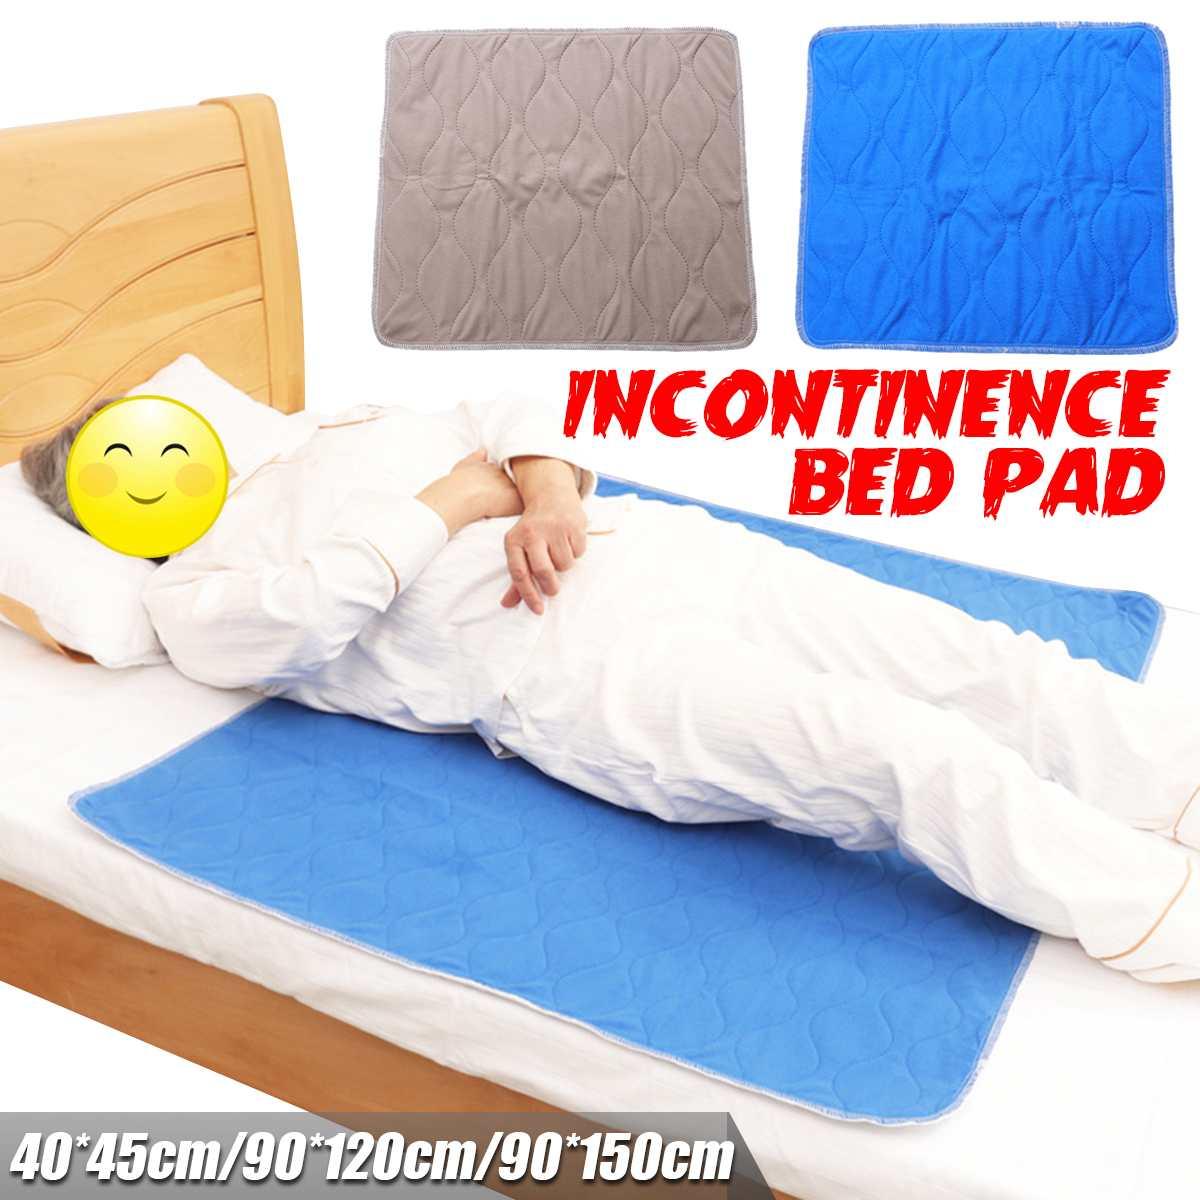 Almohadilla de cama de poliéster lavable y reutilizable para niños y adultos de 90x150cm, almohadilla de cama resistente al agua para la incontinencia, funda de cojín para pacientes de 3 tamaños